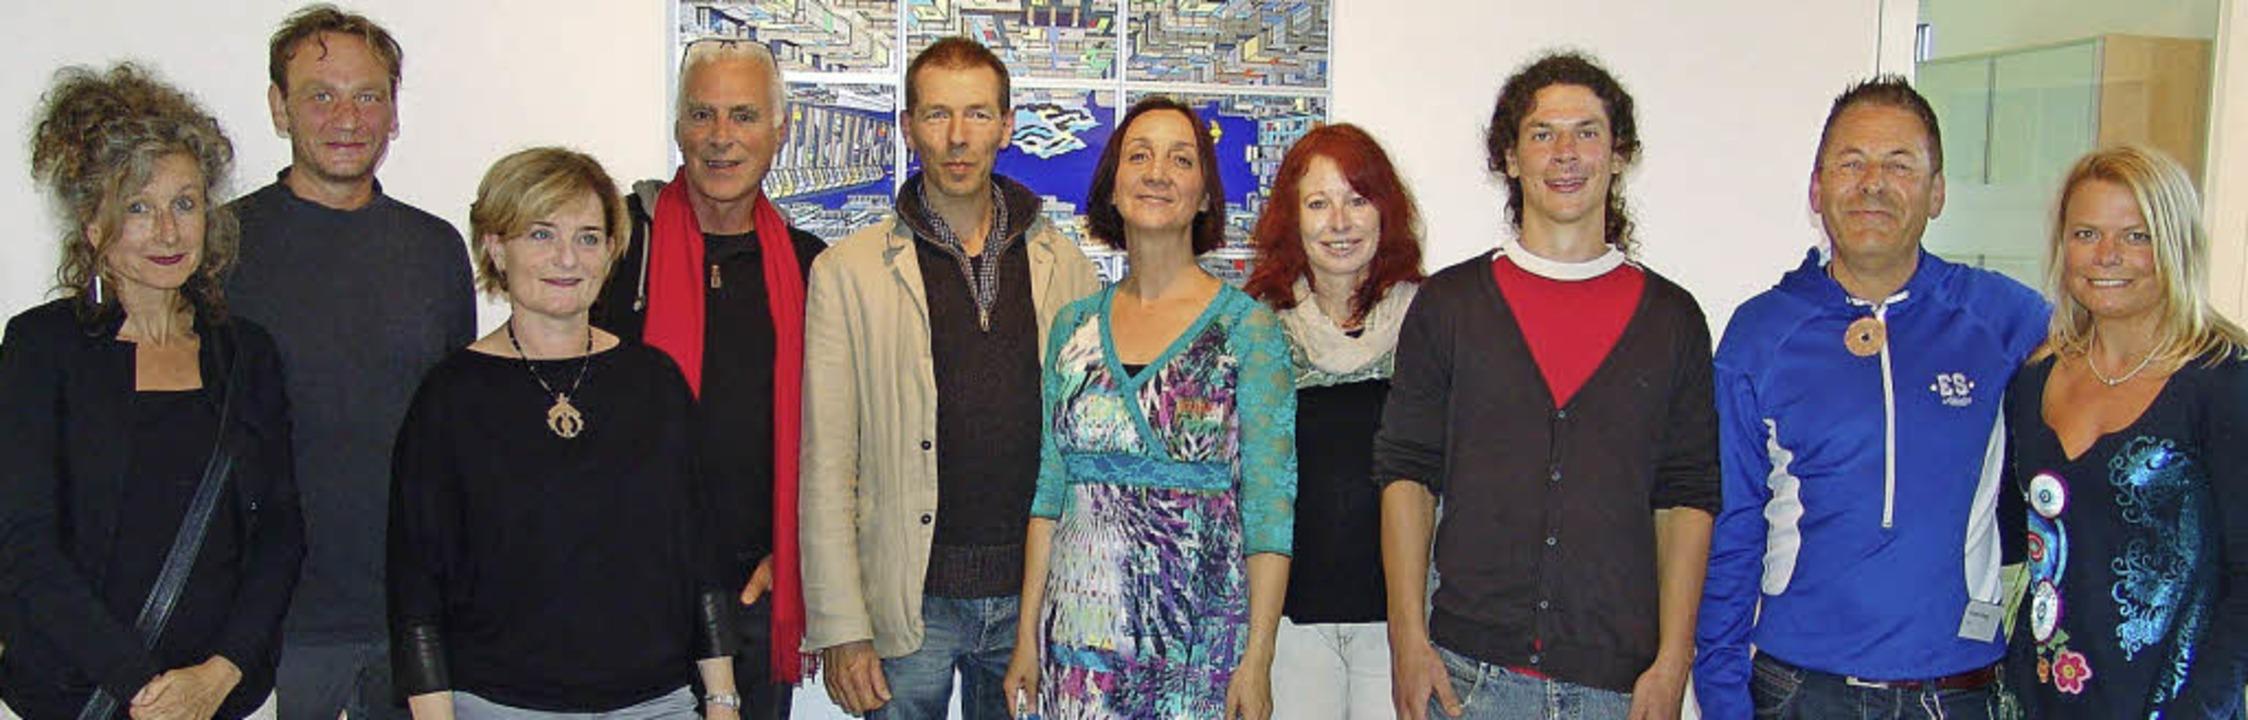 Künstler und  kunsthaus Team bei der F...ner, Romain Burgy, Ute Willmann-Menze.  | Foto: Joachim Frommherz